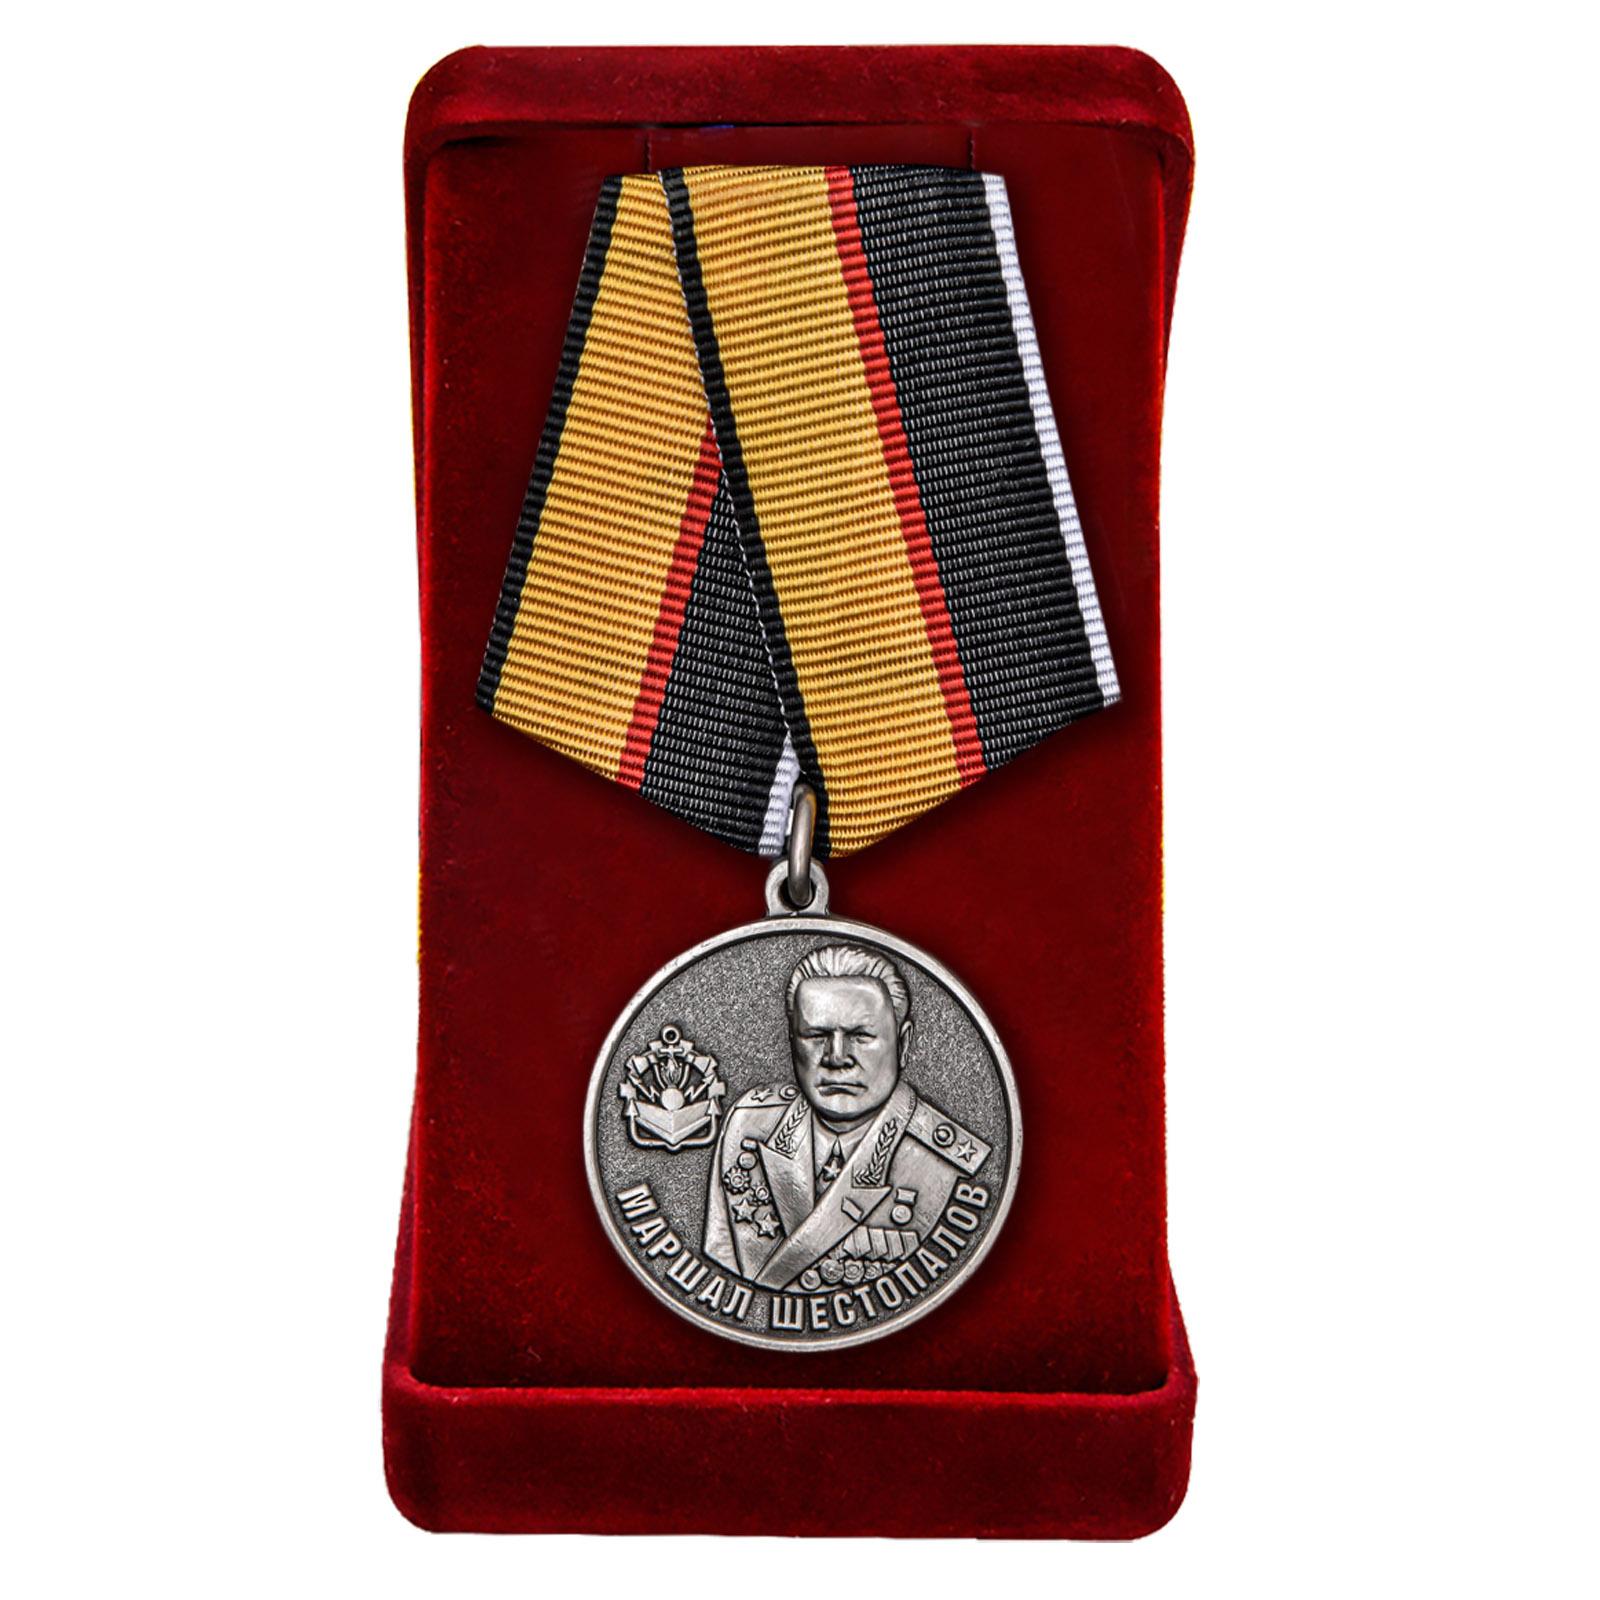 Купить медаль Маршал Шестопалов МО РФ с доставкой в ваш город